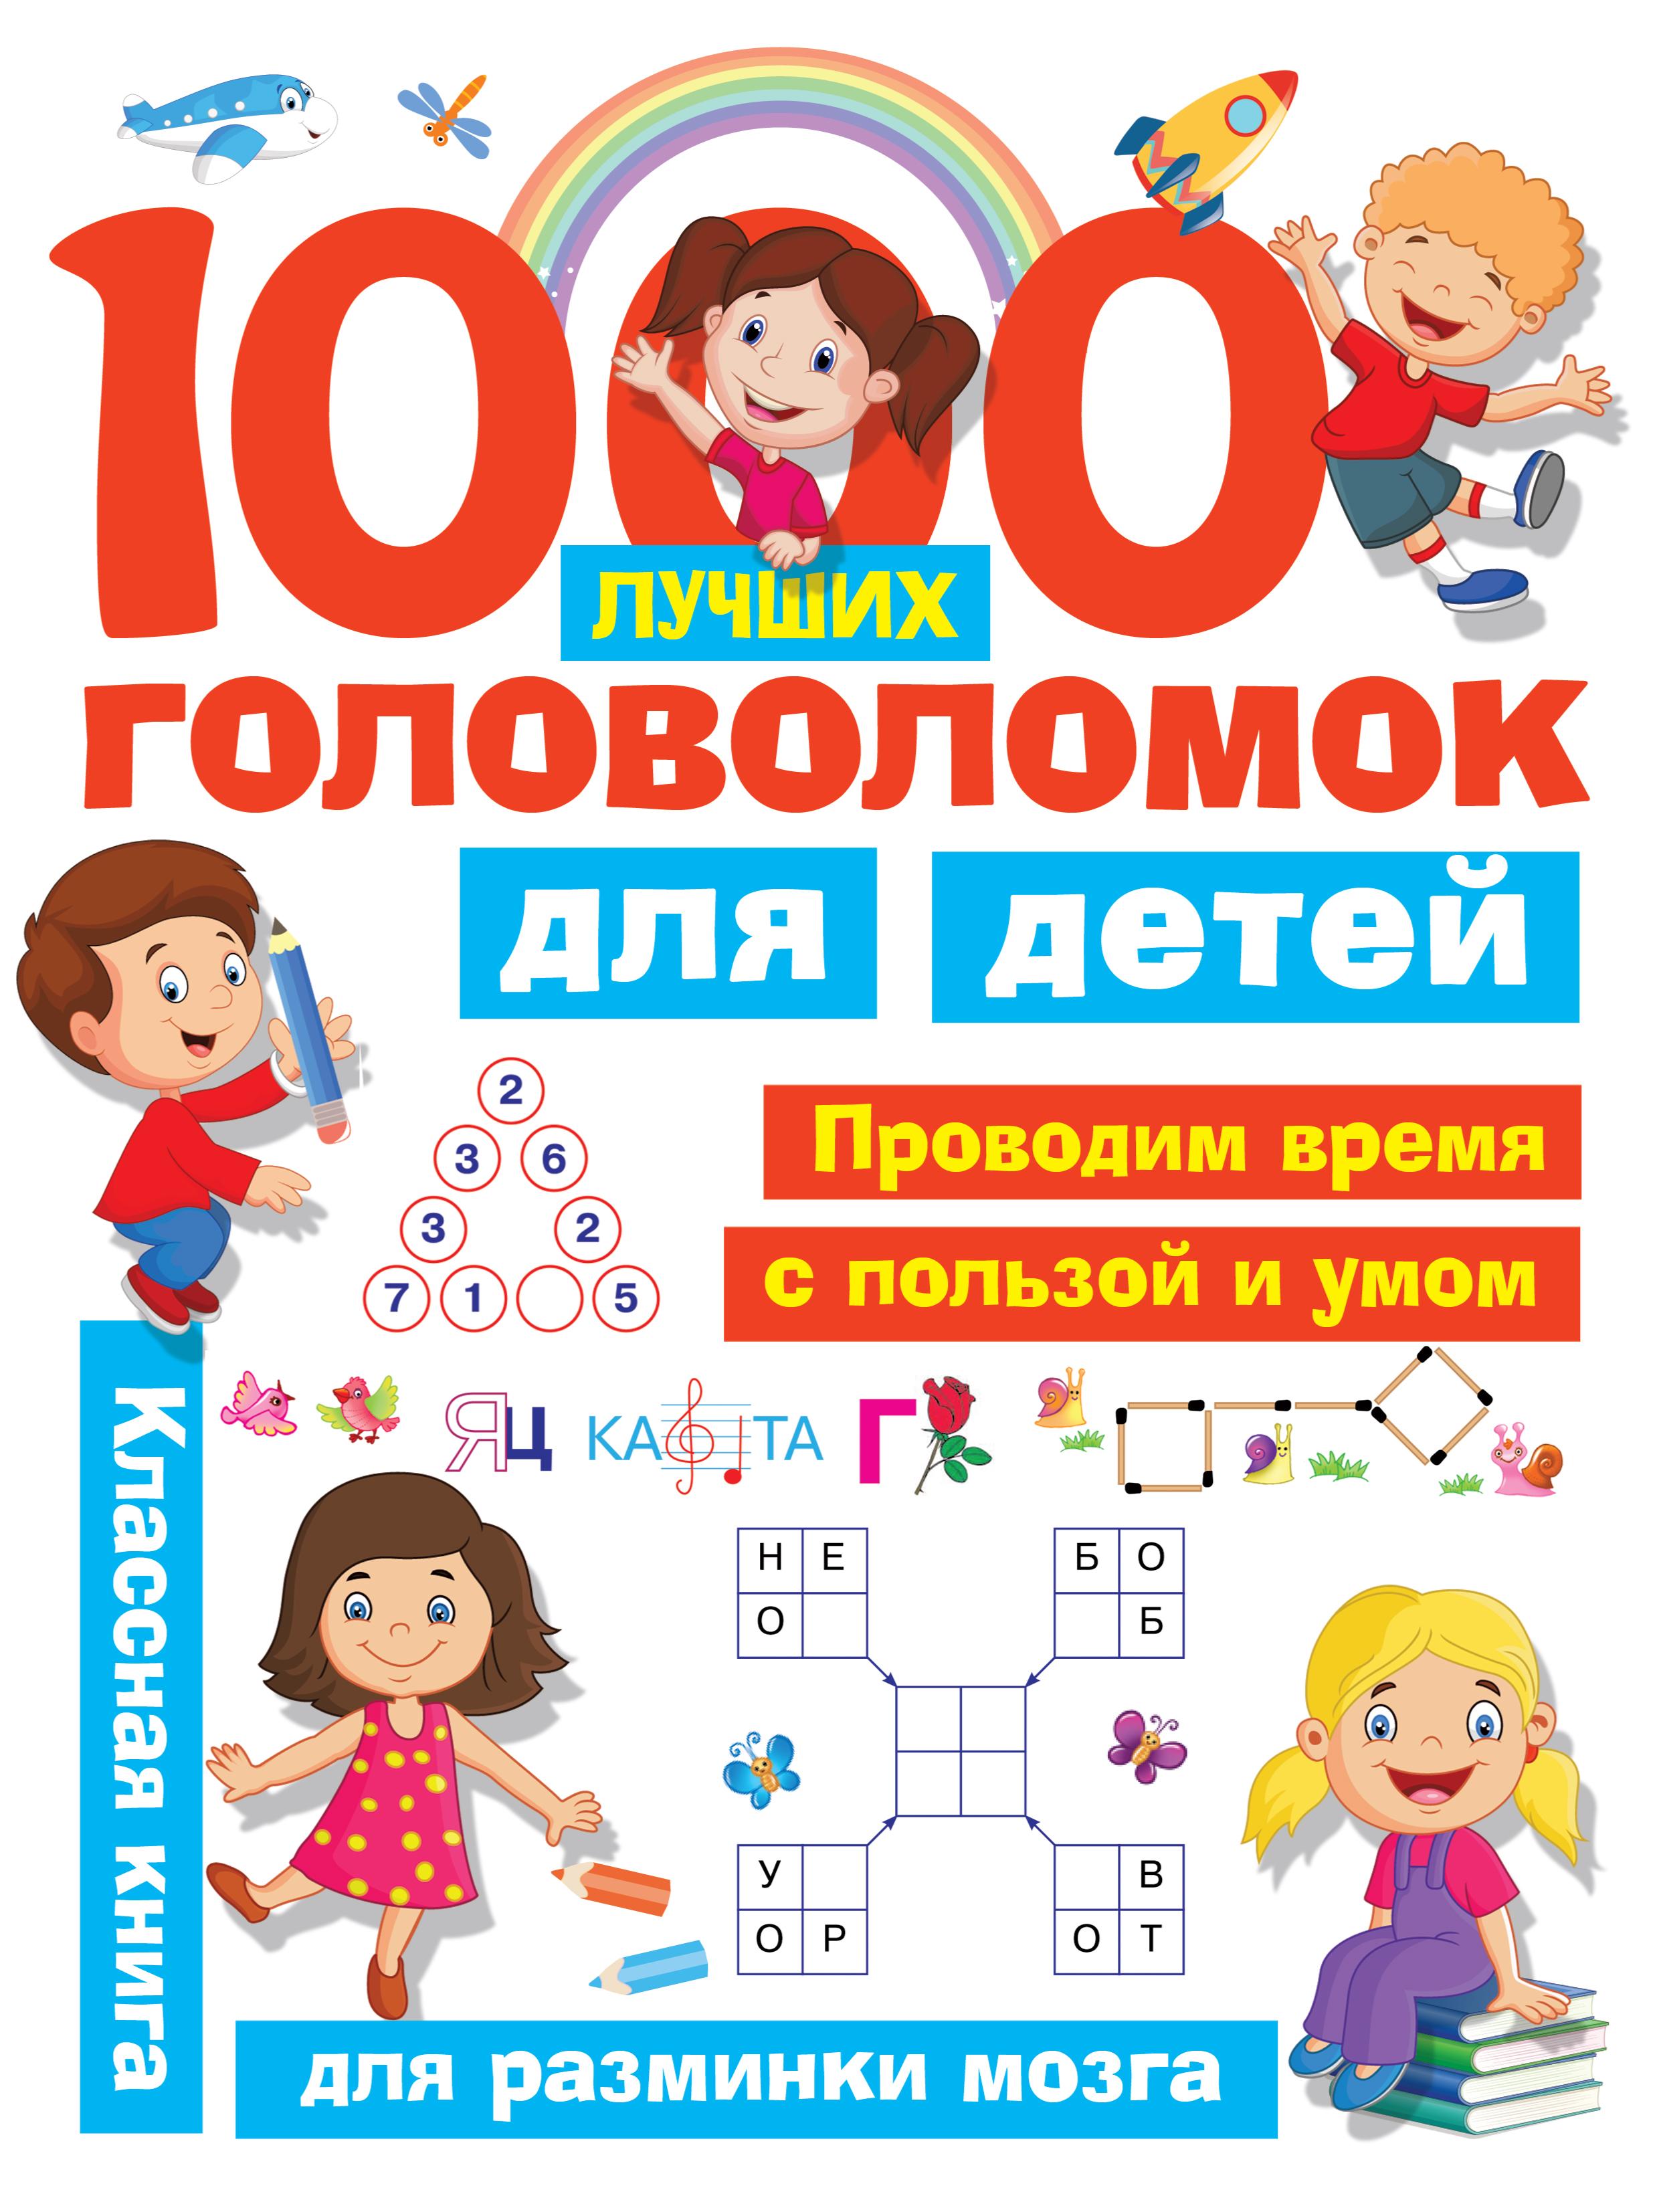 Дмитриева В.Г., Горбунова И.В. 1000 лучших головоломок для детей 150 лучших головоломок